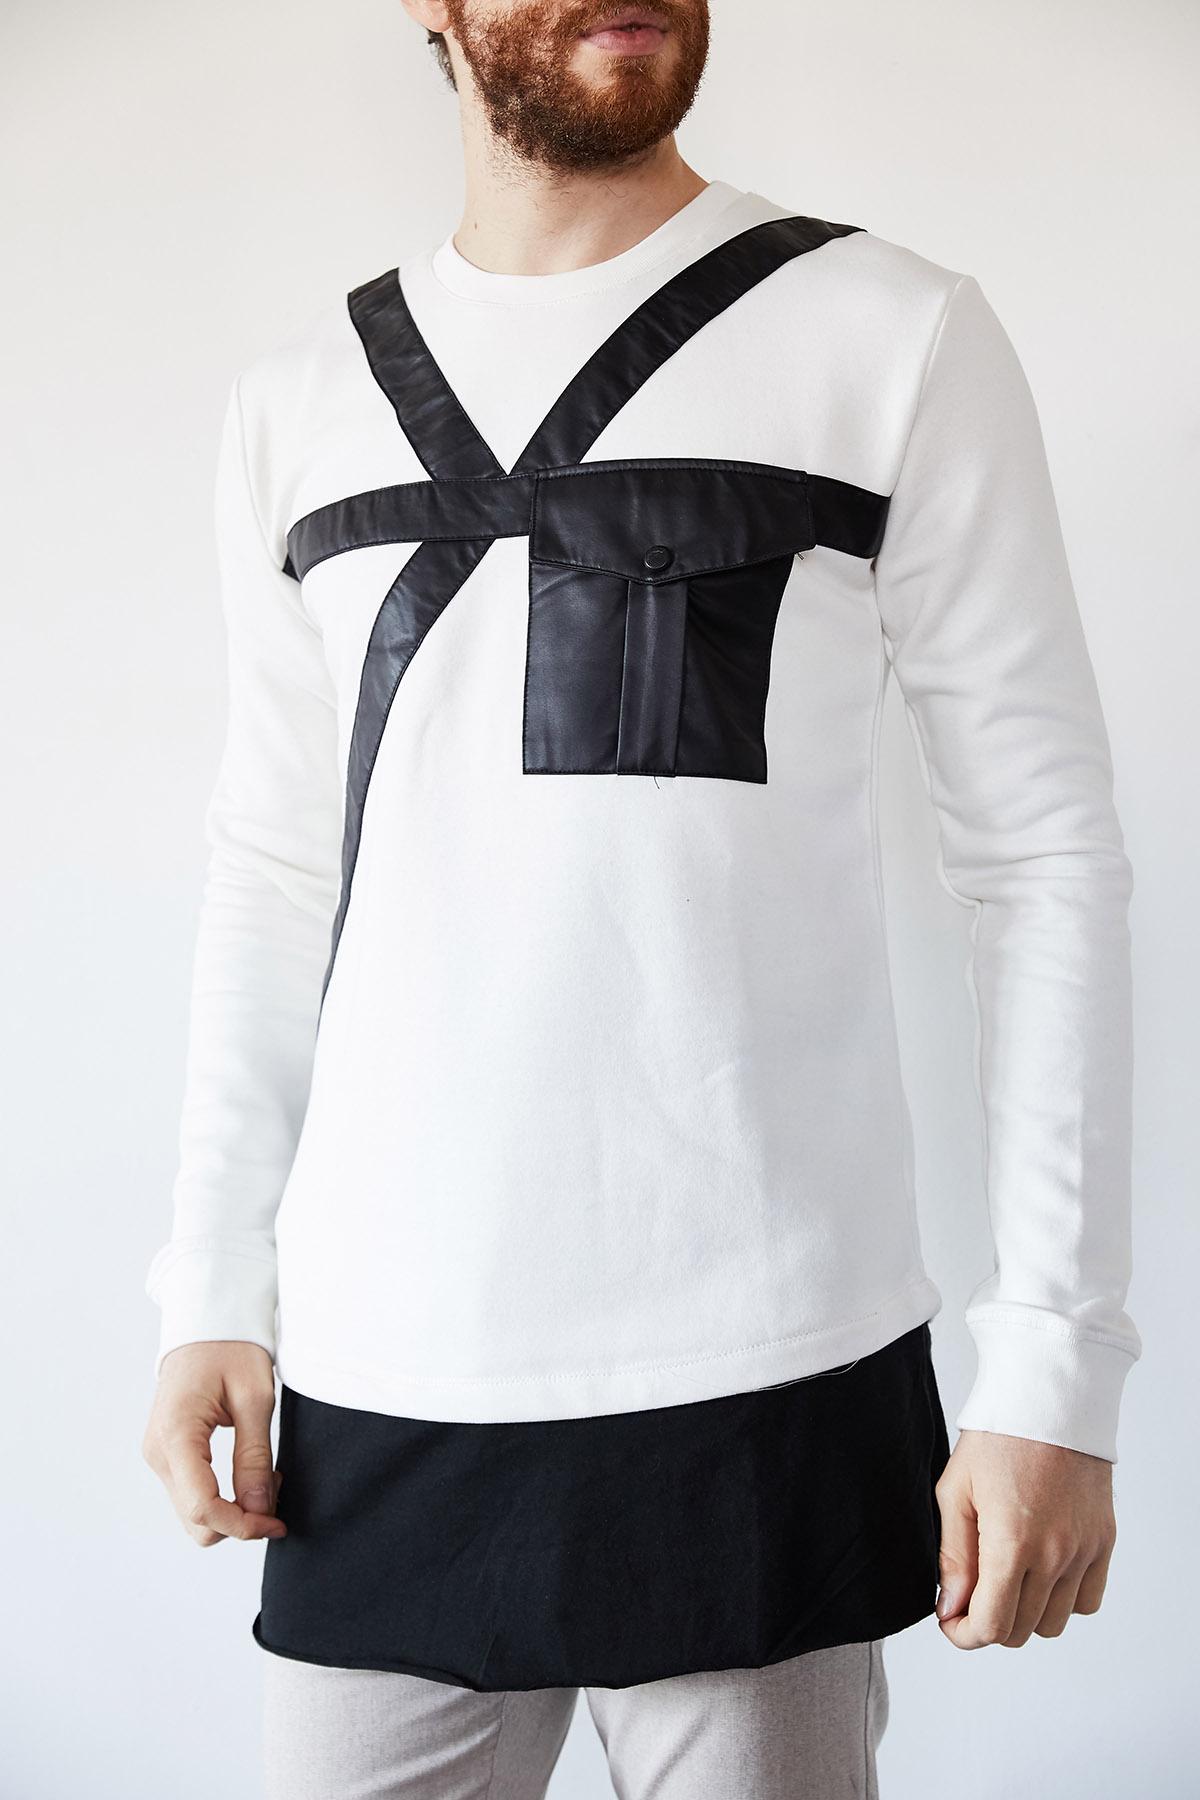 - Beyaz Deri Cep Detaylı Garnili Sweatshirt 1KXE8-44240-01